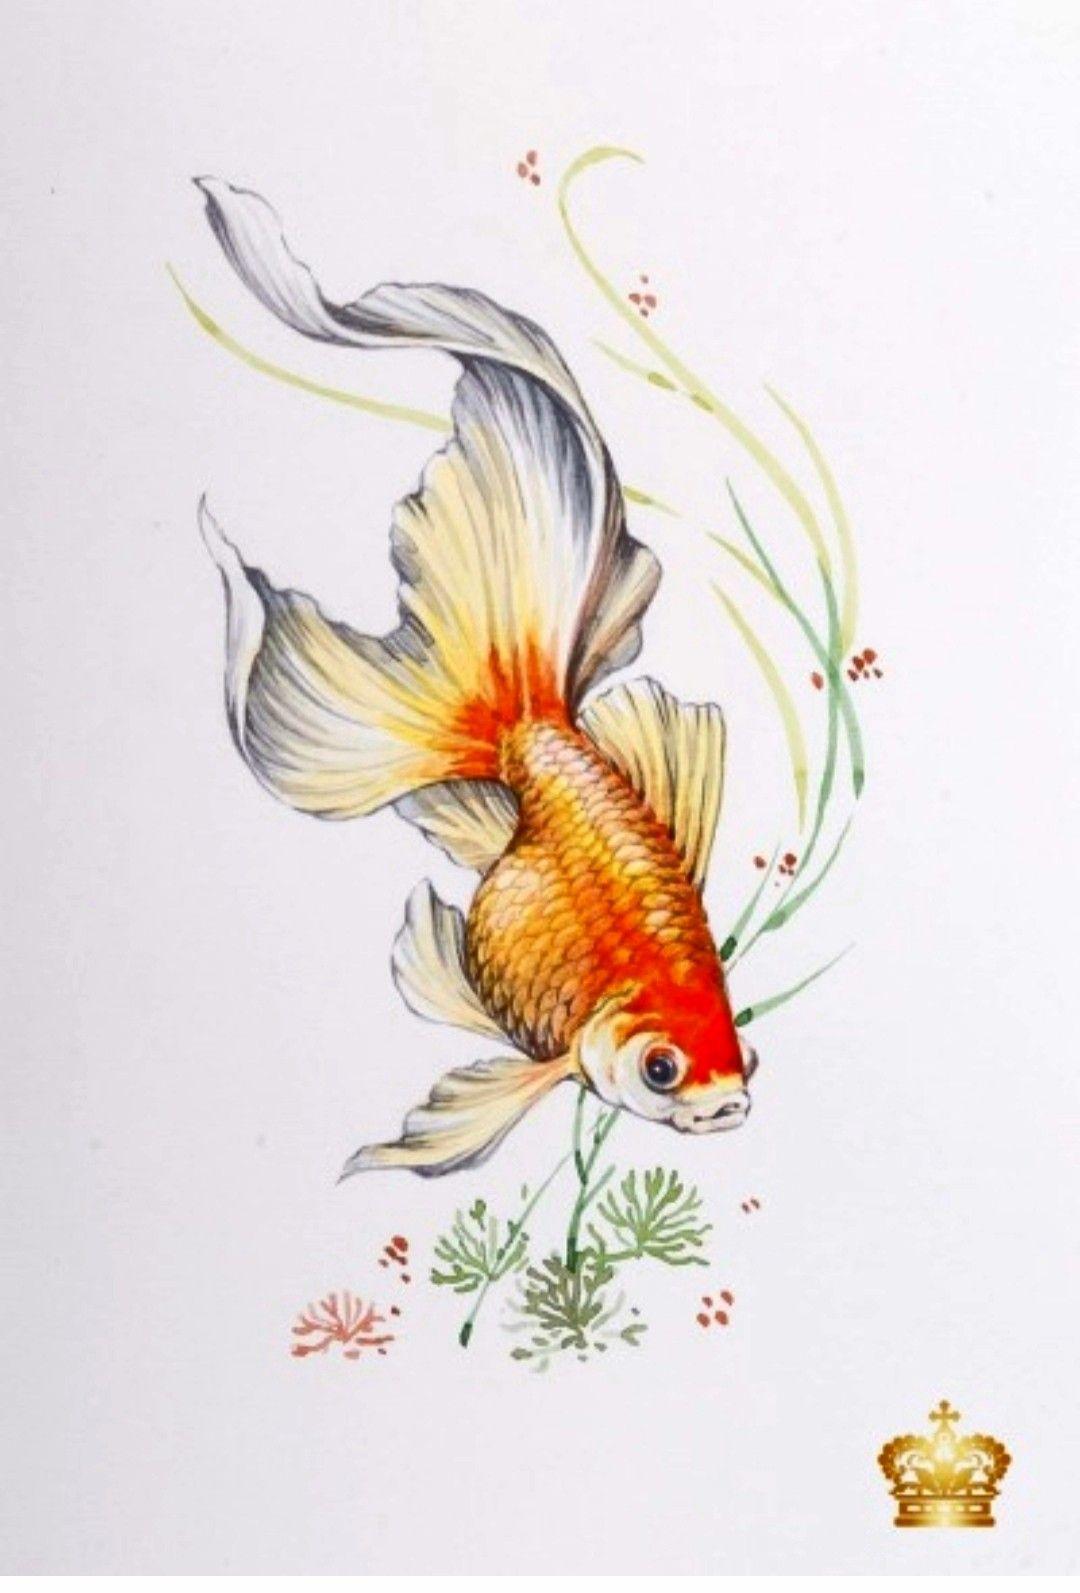 Epingle Par Cathy Boutherin Sur Pinterest Peinture Peintures De